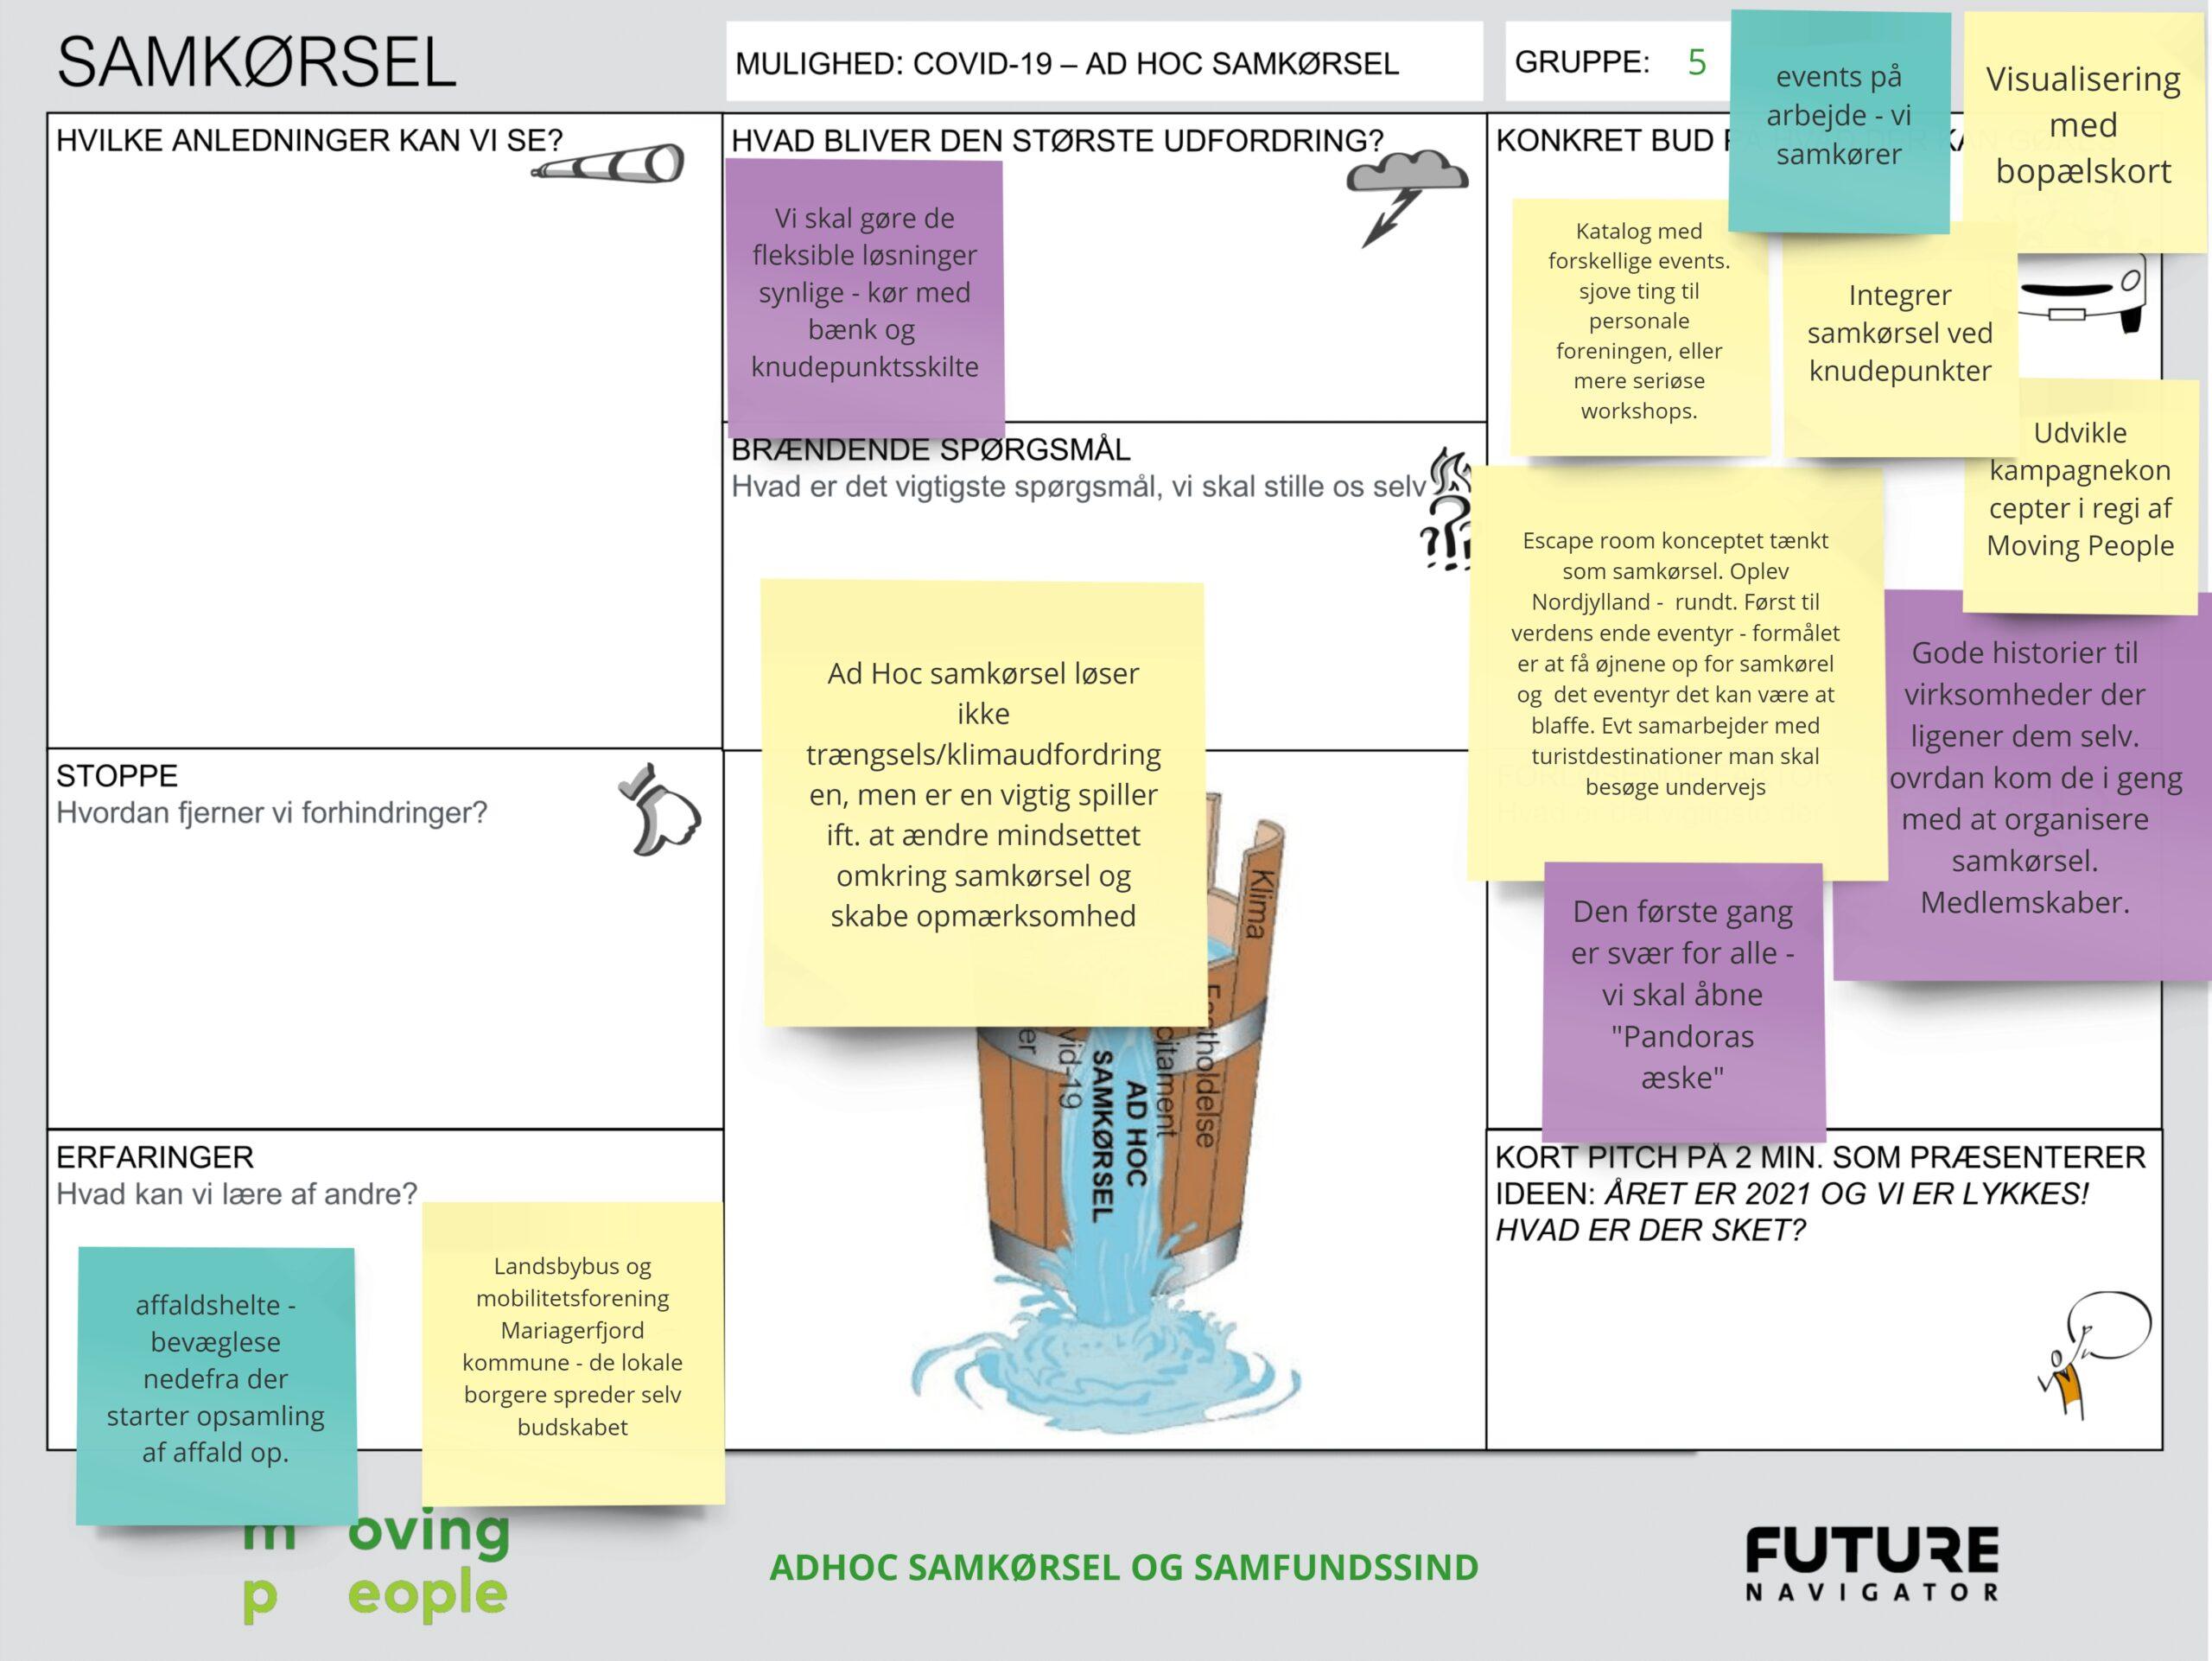 Gruppe 5 - Ad hoc samkørsel og samfundssind - New frame